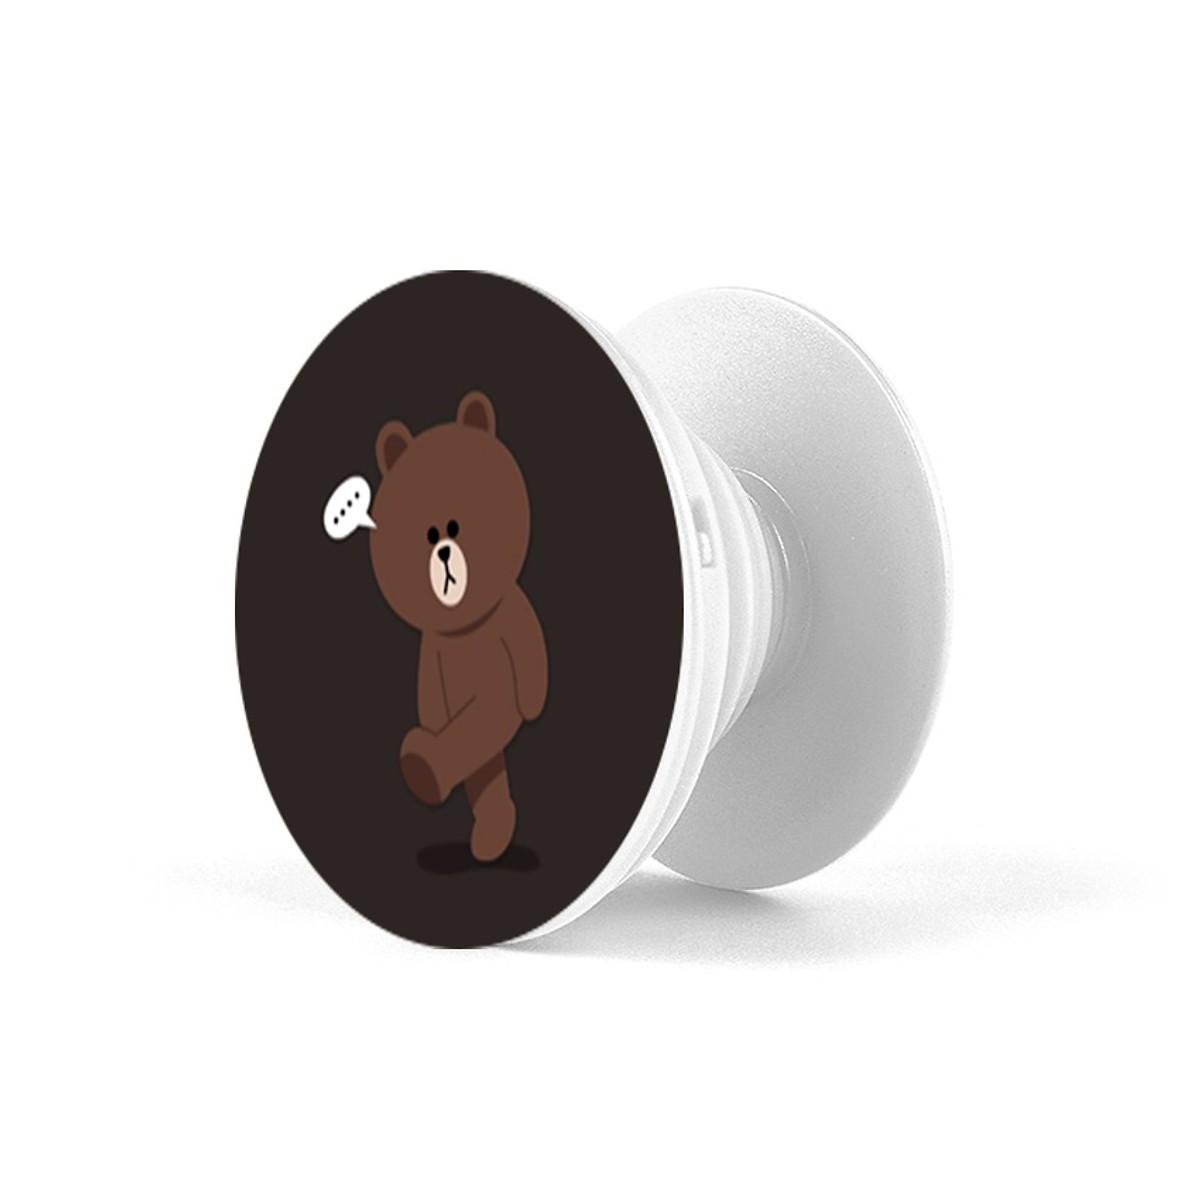 Popsocket - Giá đỡ điện thoại đa năng iCase Gấu Nâu - Hàng Chính Hãng